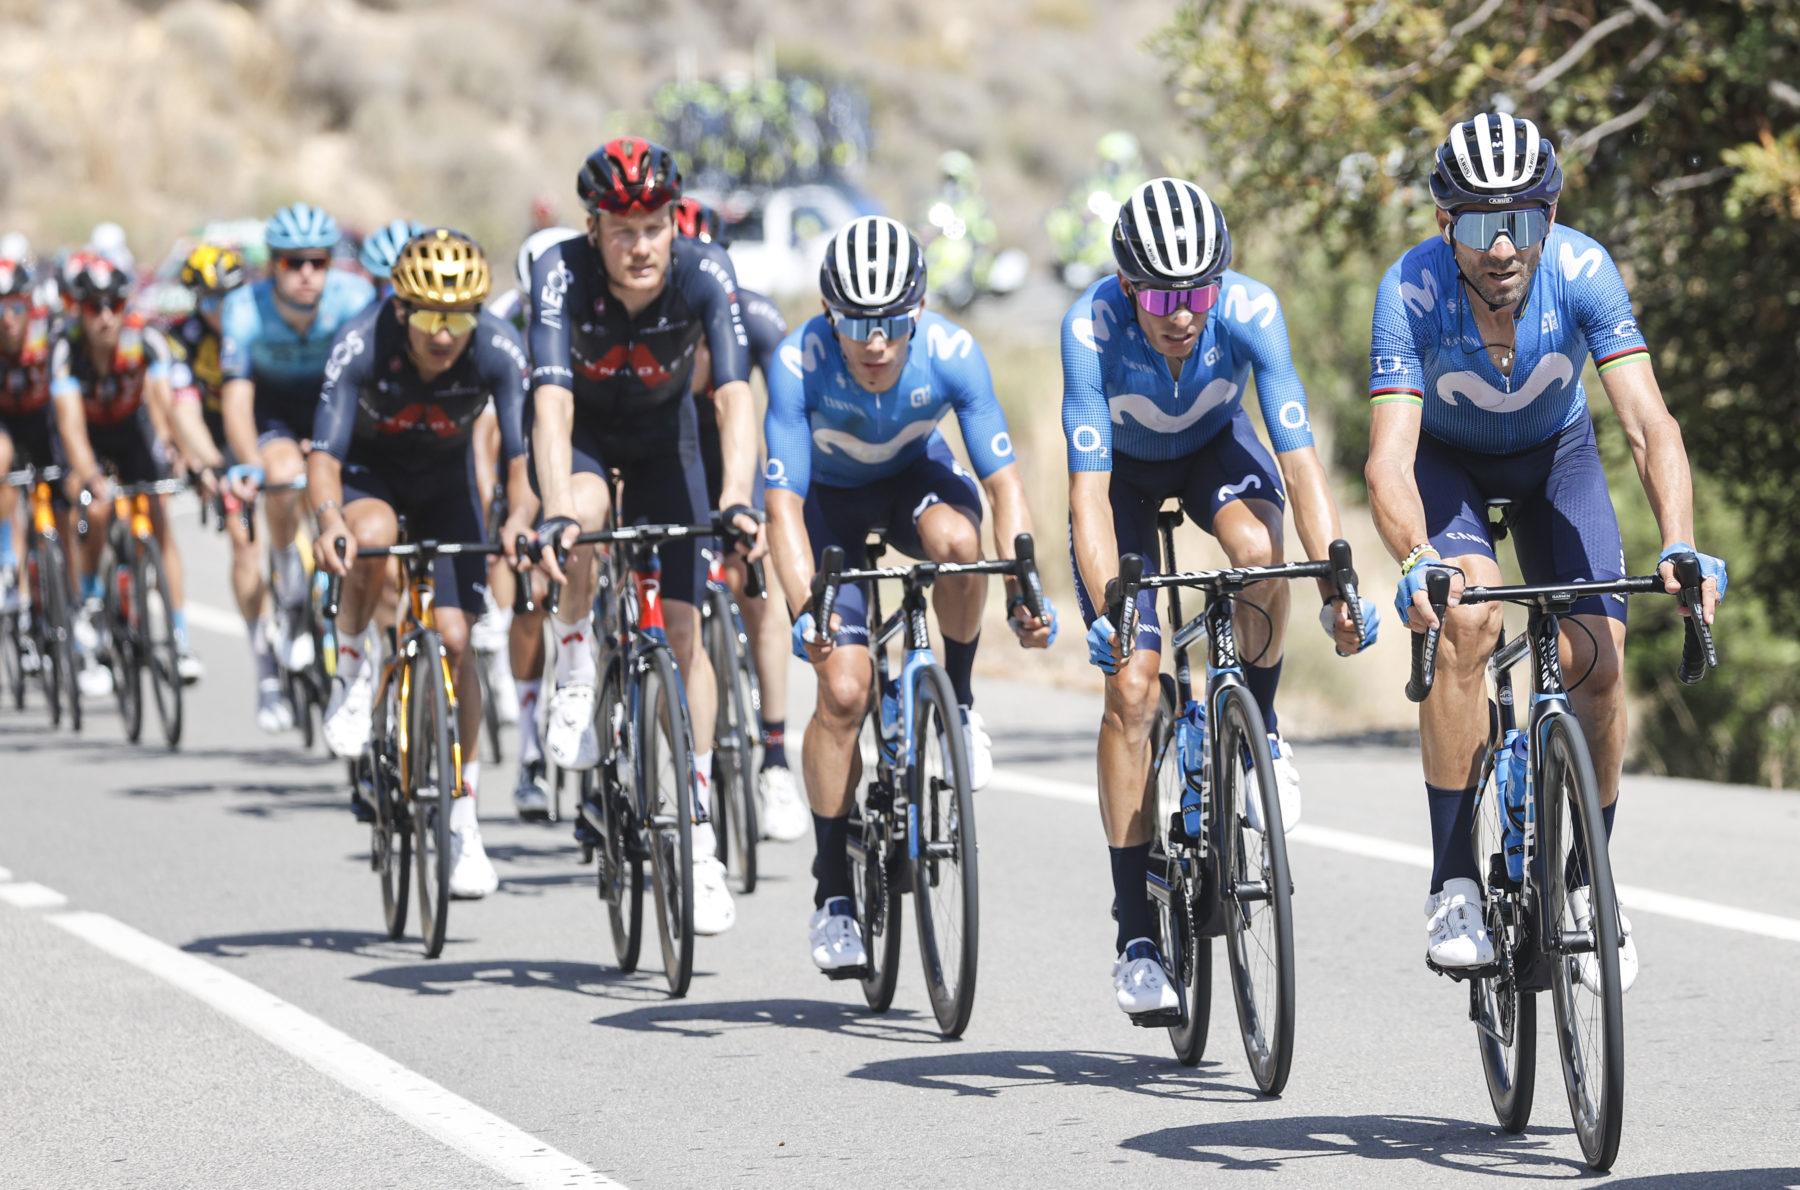 Imagen de la noticia 'Alejandro Valverde crashes out of 2021 La Vuelta'